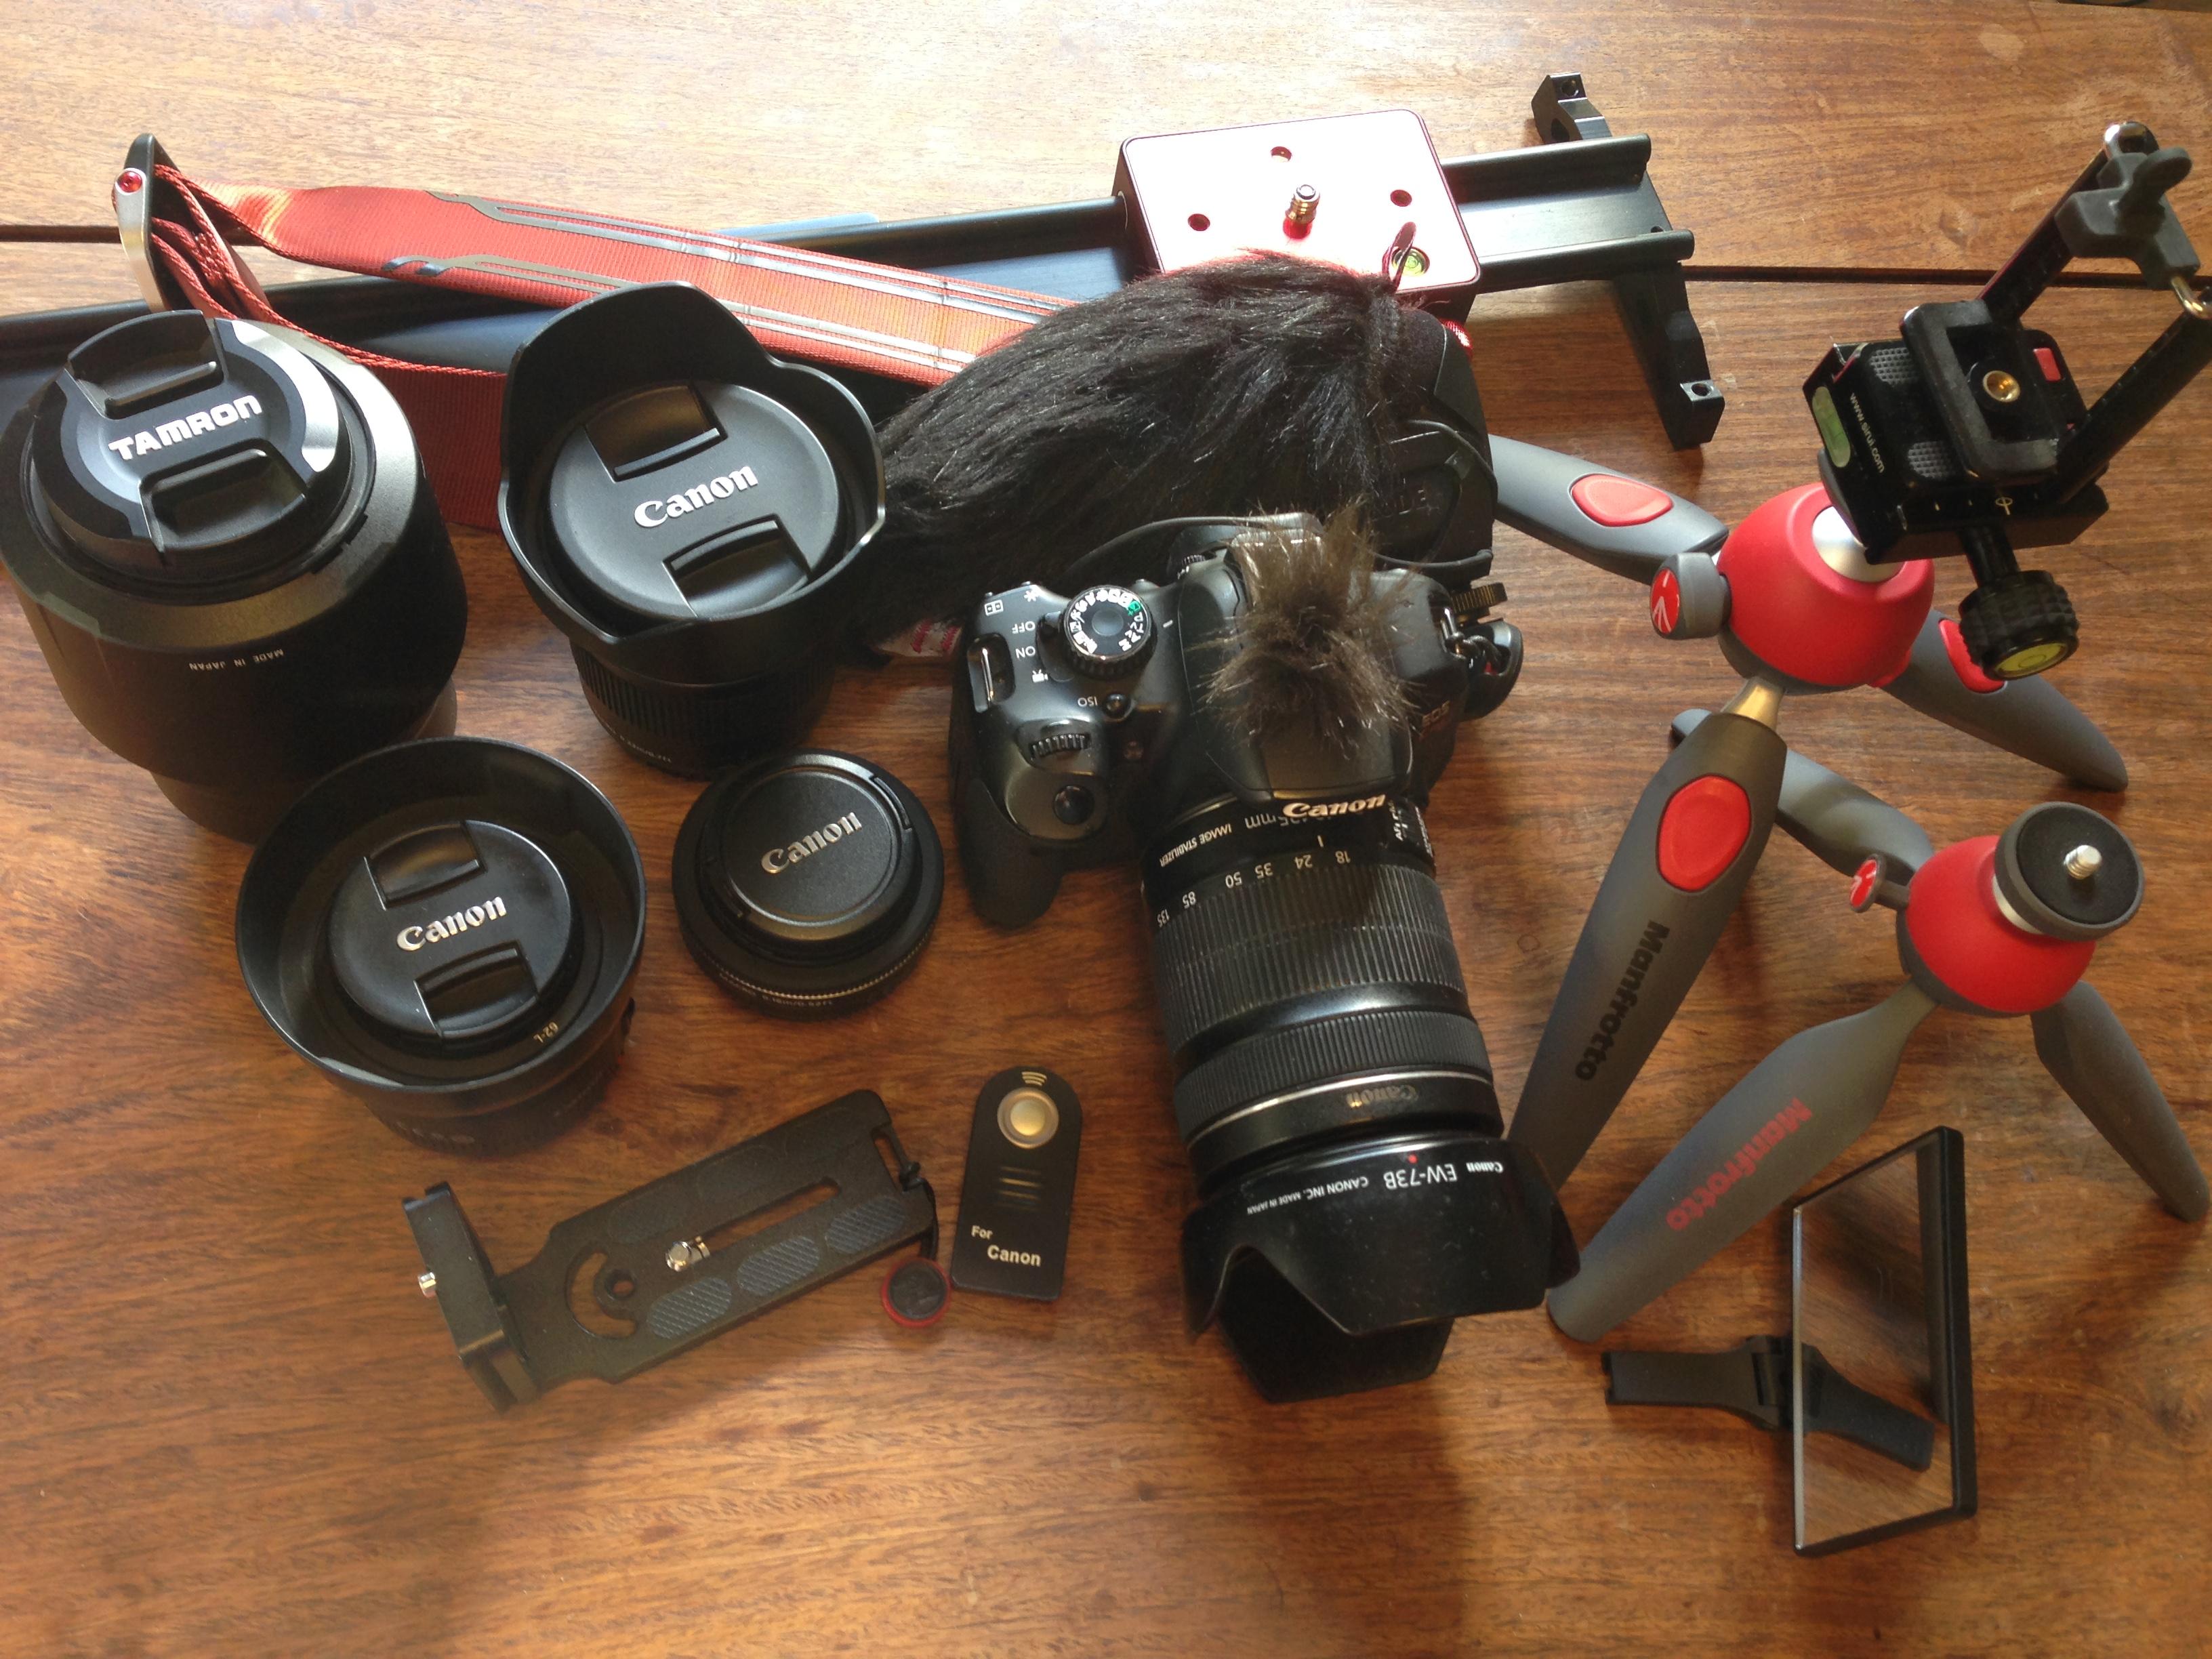 所有しているカメラ機材